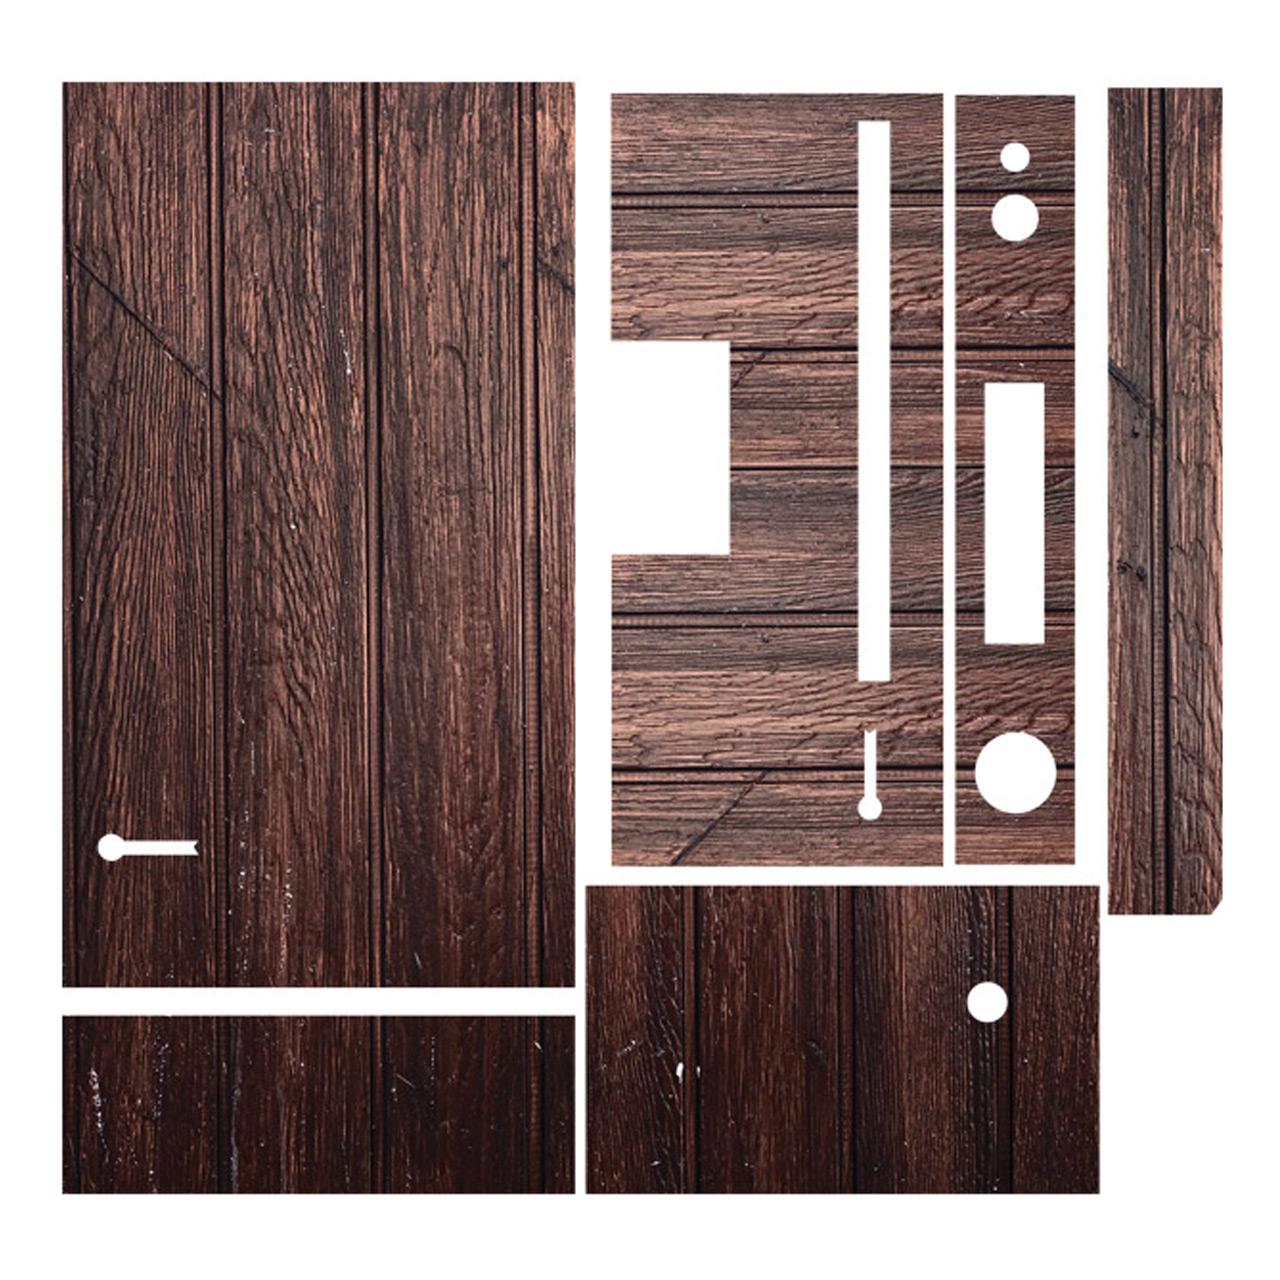 بررسی و {خرید با تخفیف} برچسب افقی ایکس باکس 1 گراسیپا طرح لکه چوبی اصل